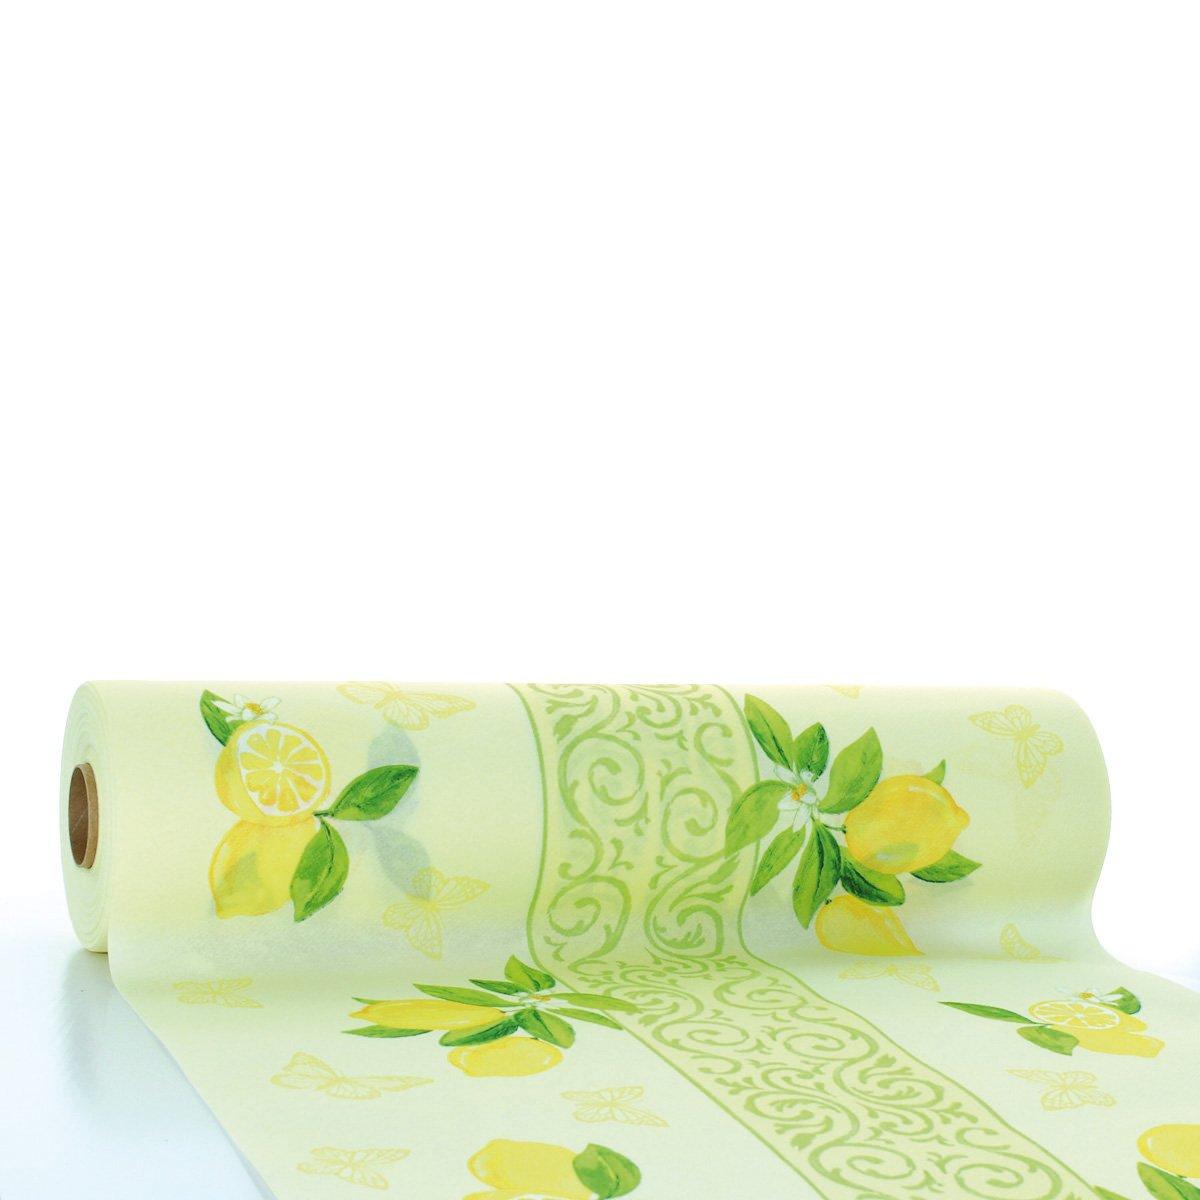 Tischdecke Tischläufer Liv in creme-gelb aus Linclass® Airlaid 40 cm x 24 m